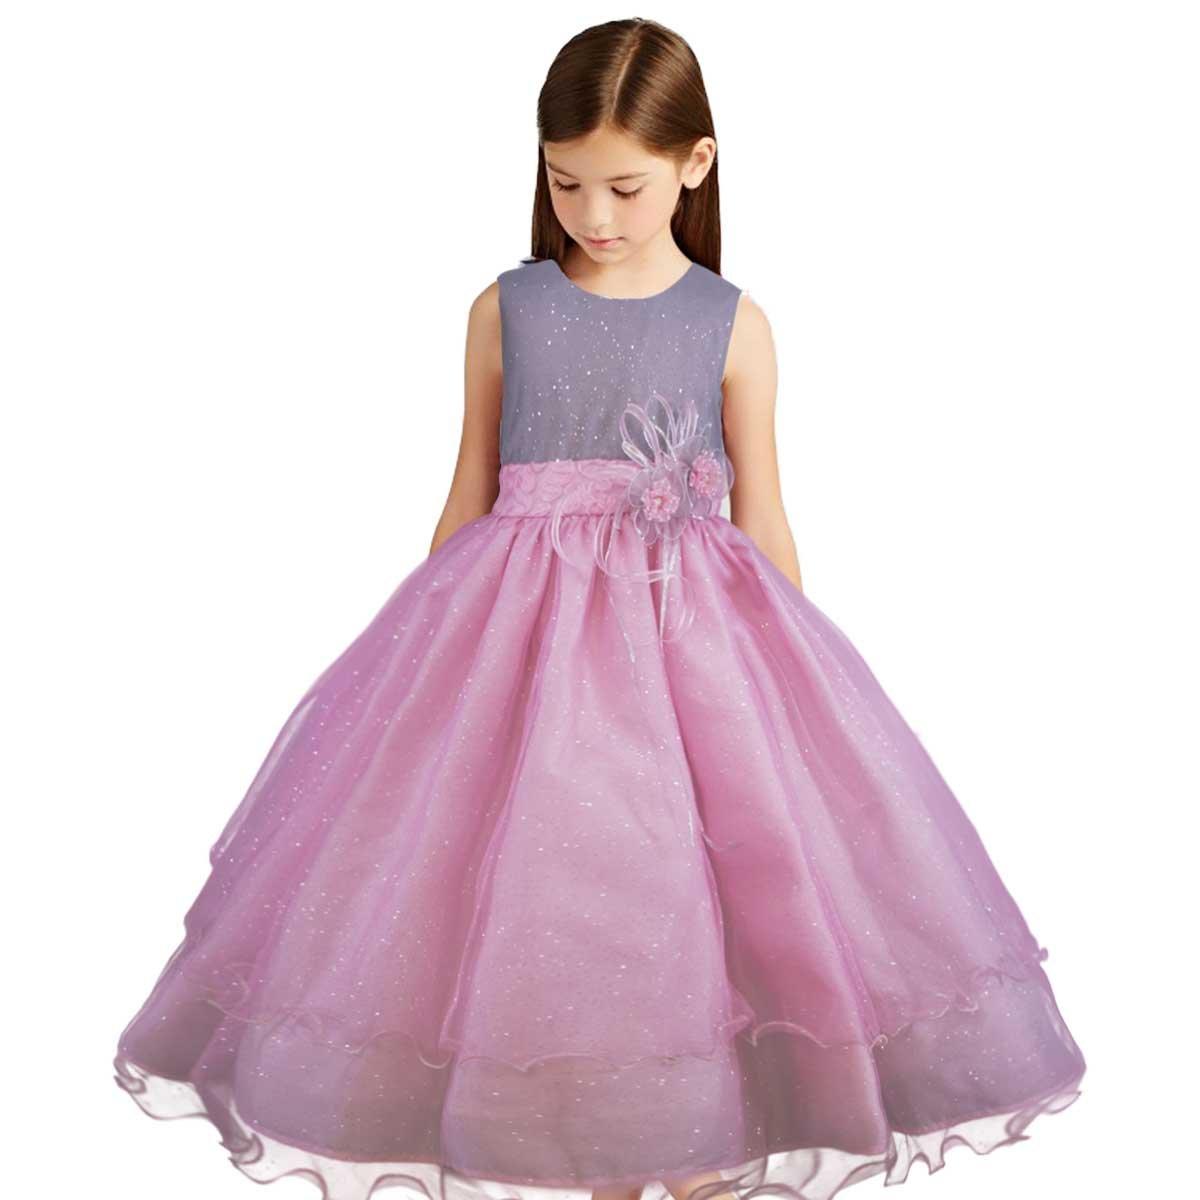 Encantador Vestido De Fiesta De Sears Cresta - Ideas de Vestido para ...